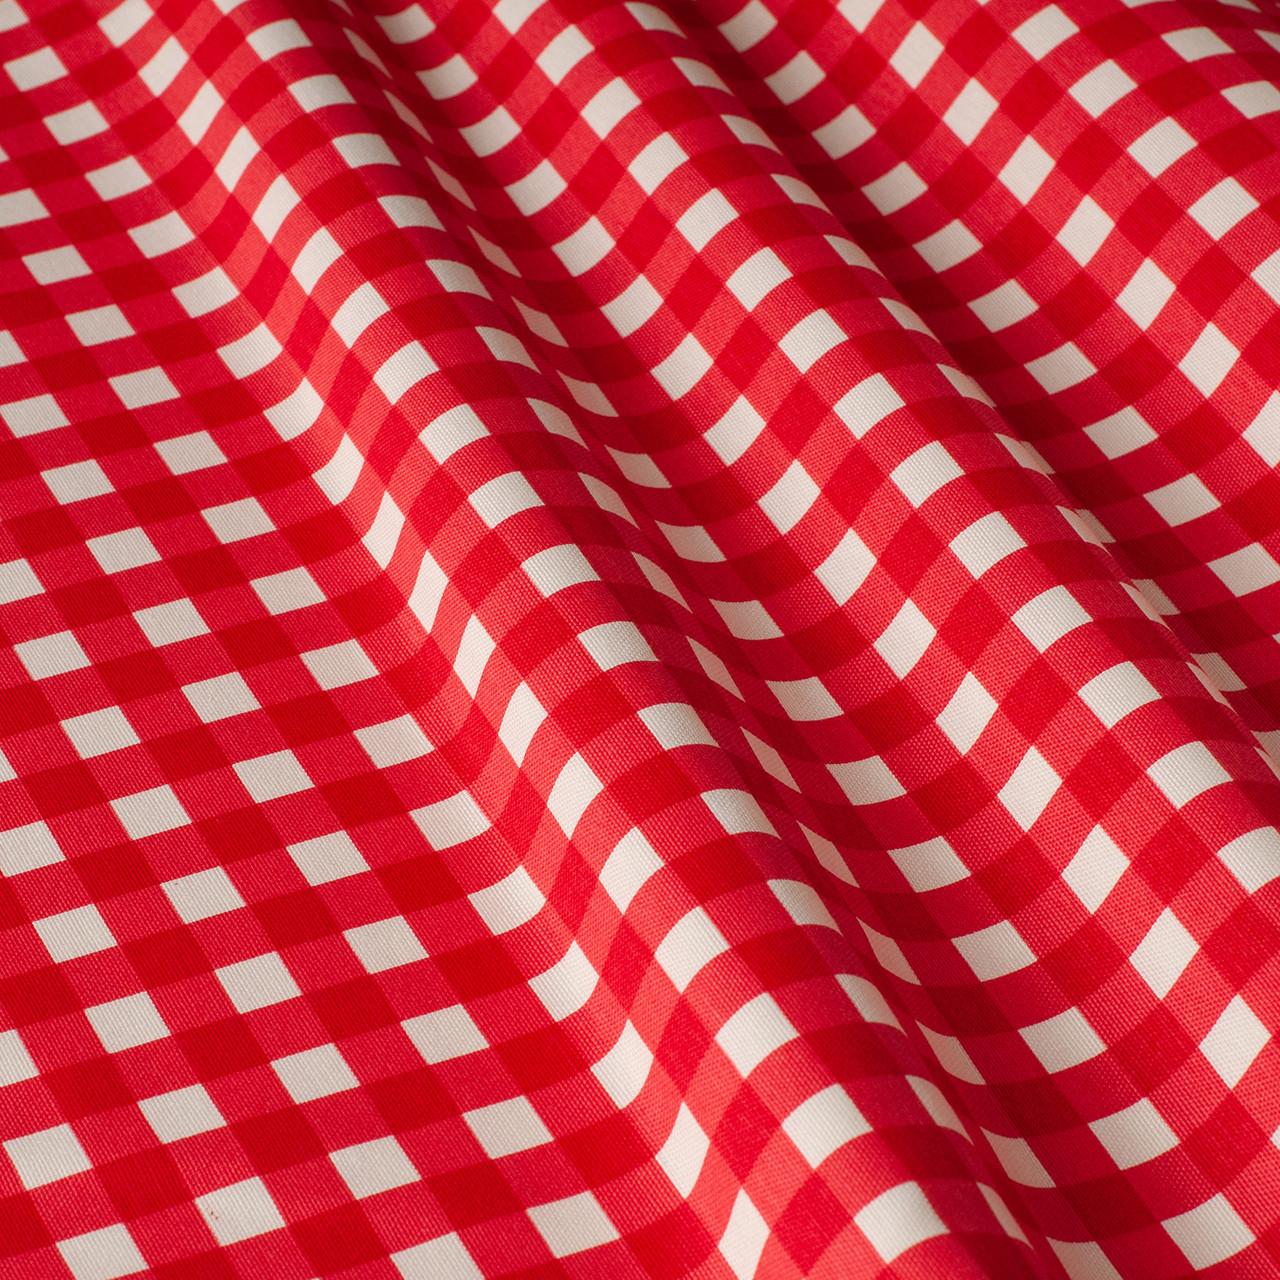 Декоративная ткань в мелкую клетку красно-белая Турция 180 см 84578v32